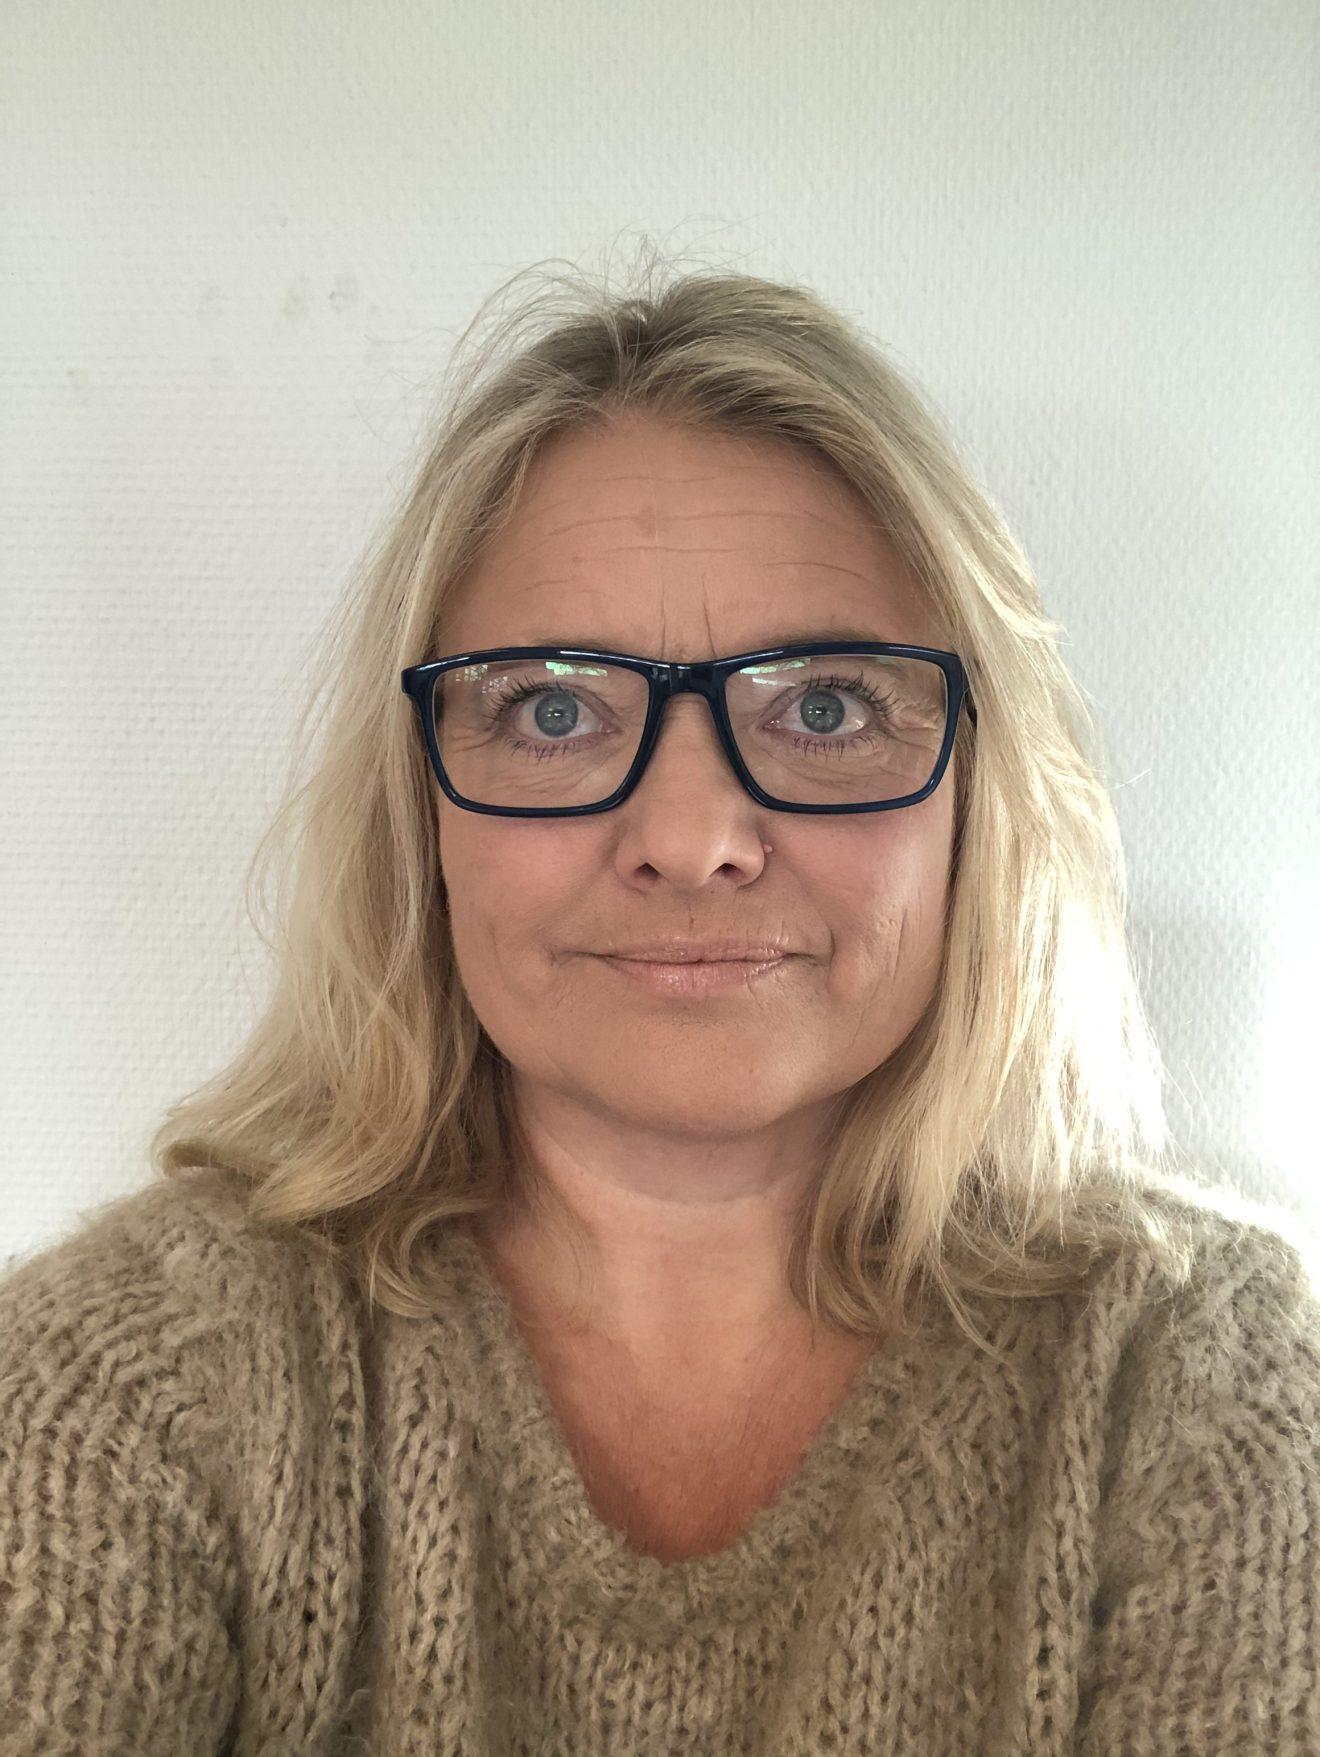 Mia Linda Møller ny leder af Sorø Sundhedscenter